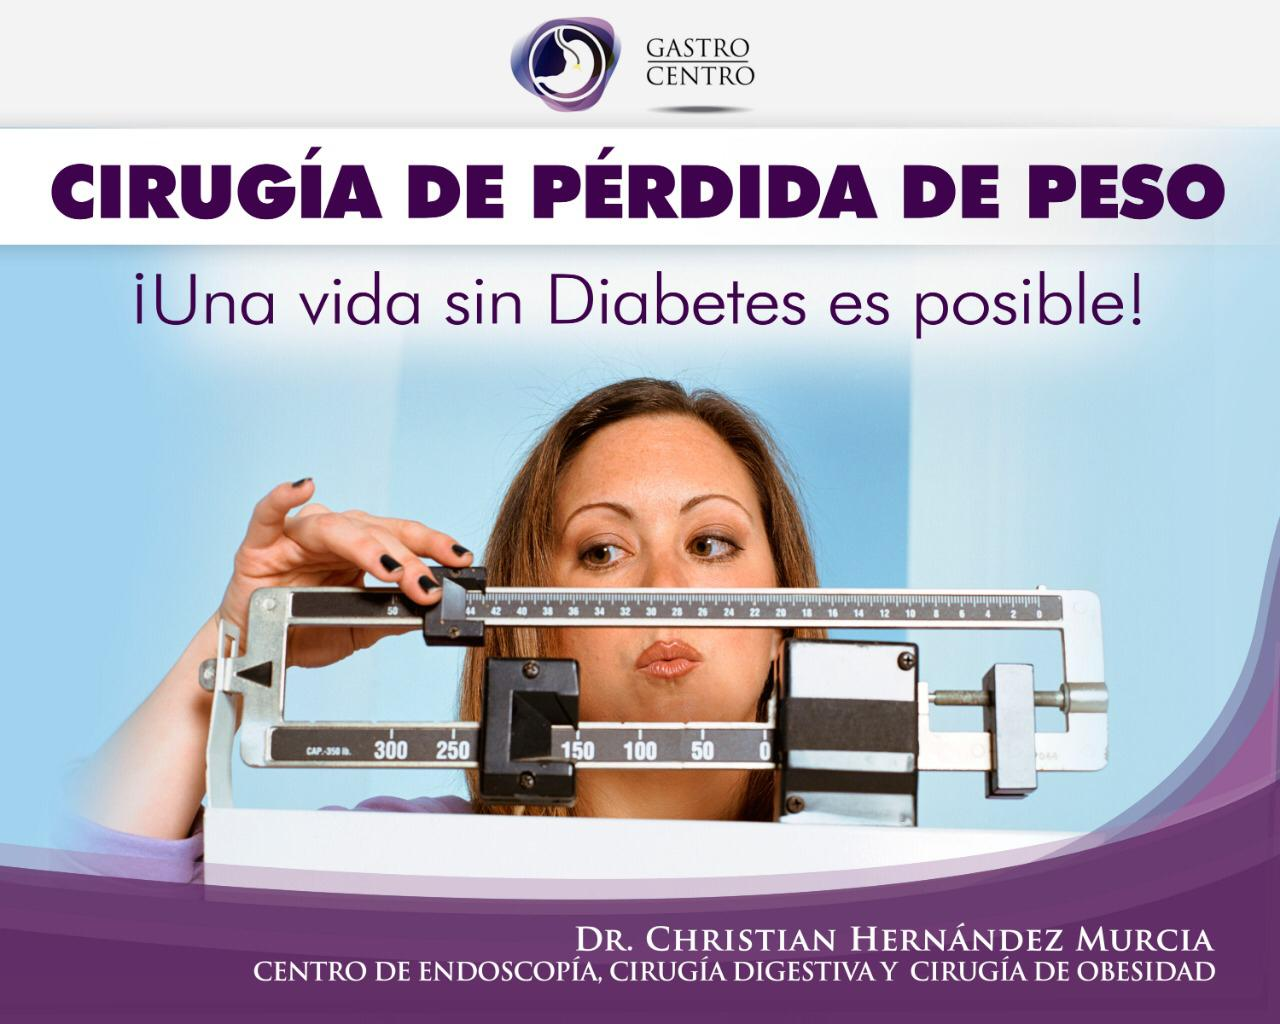 TESTIMONIO CIRUGÍA DE PÉRDIDA DE PESO